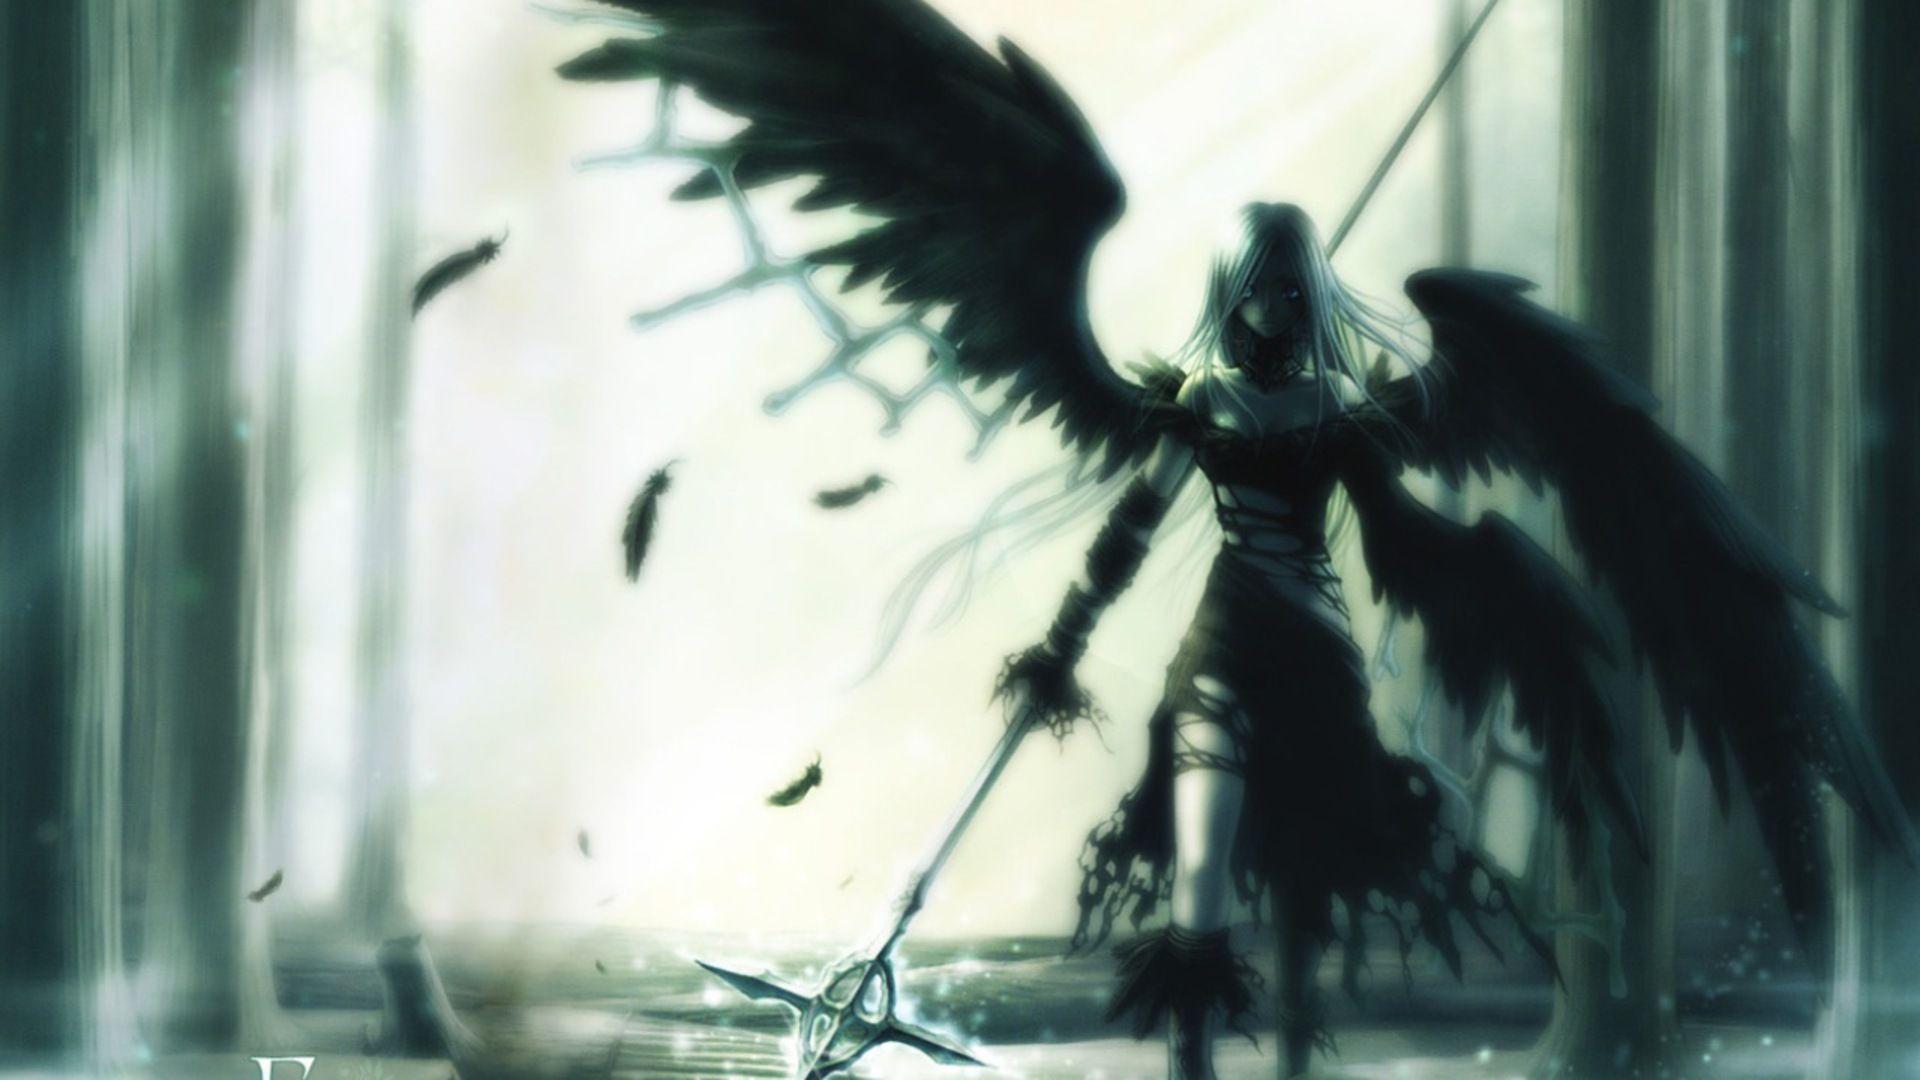 Dark Angel Wallpaper Anime Wallpaper 1920x1080 Anime Wallpaper Dark angel anime wallpaper